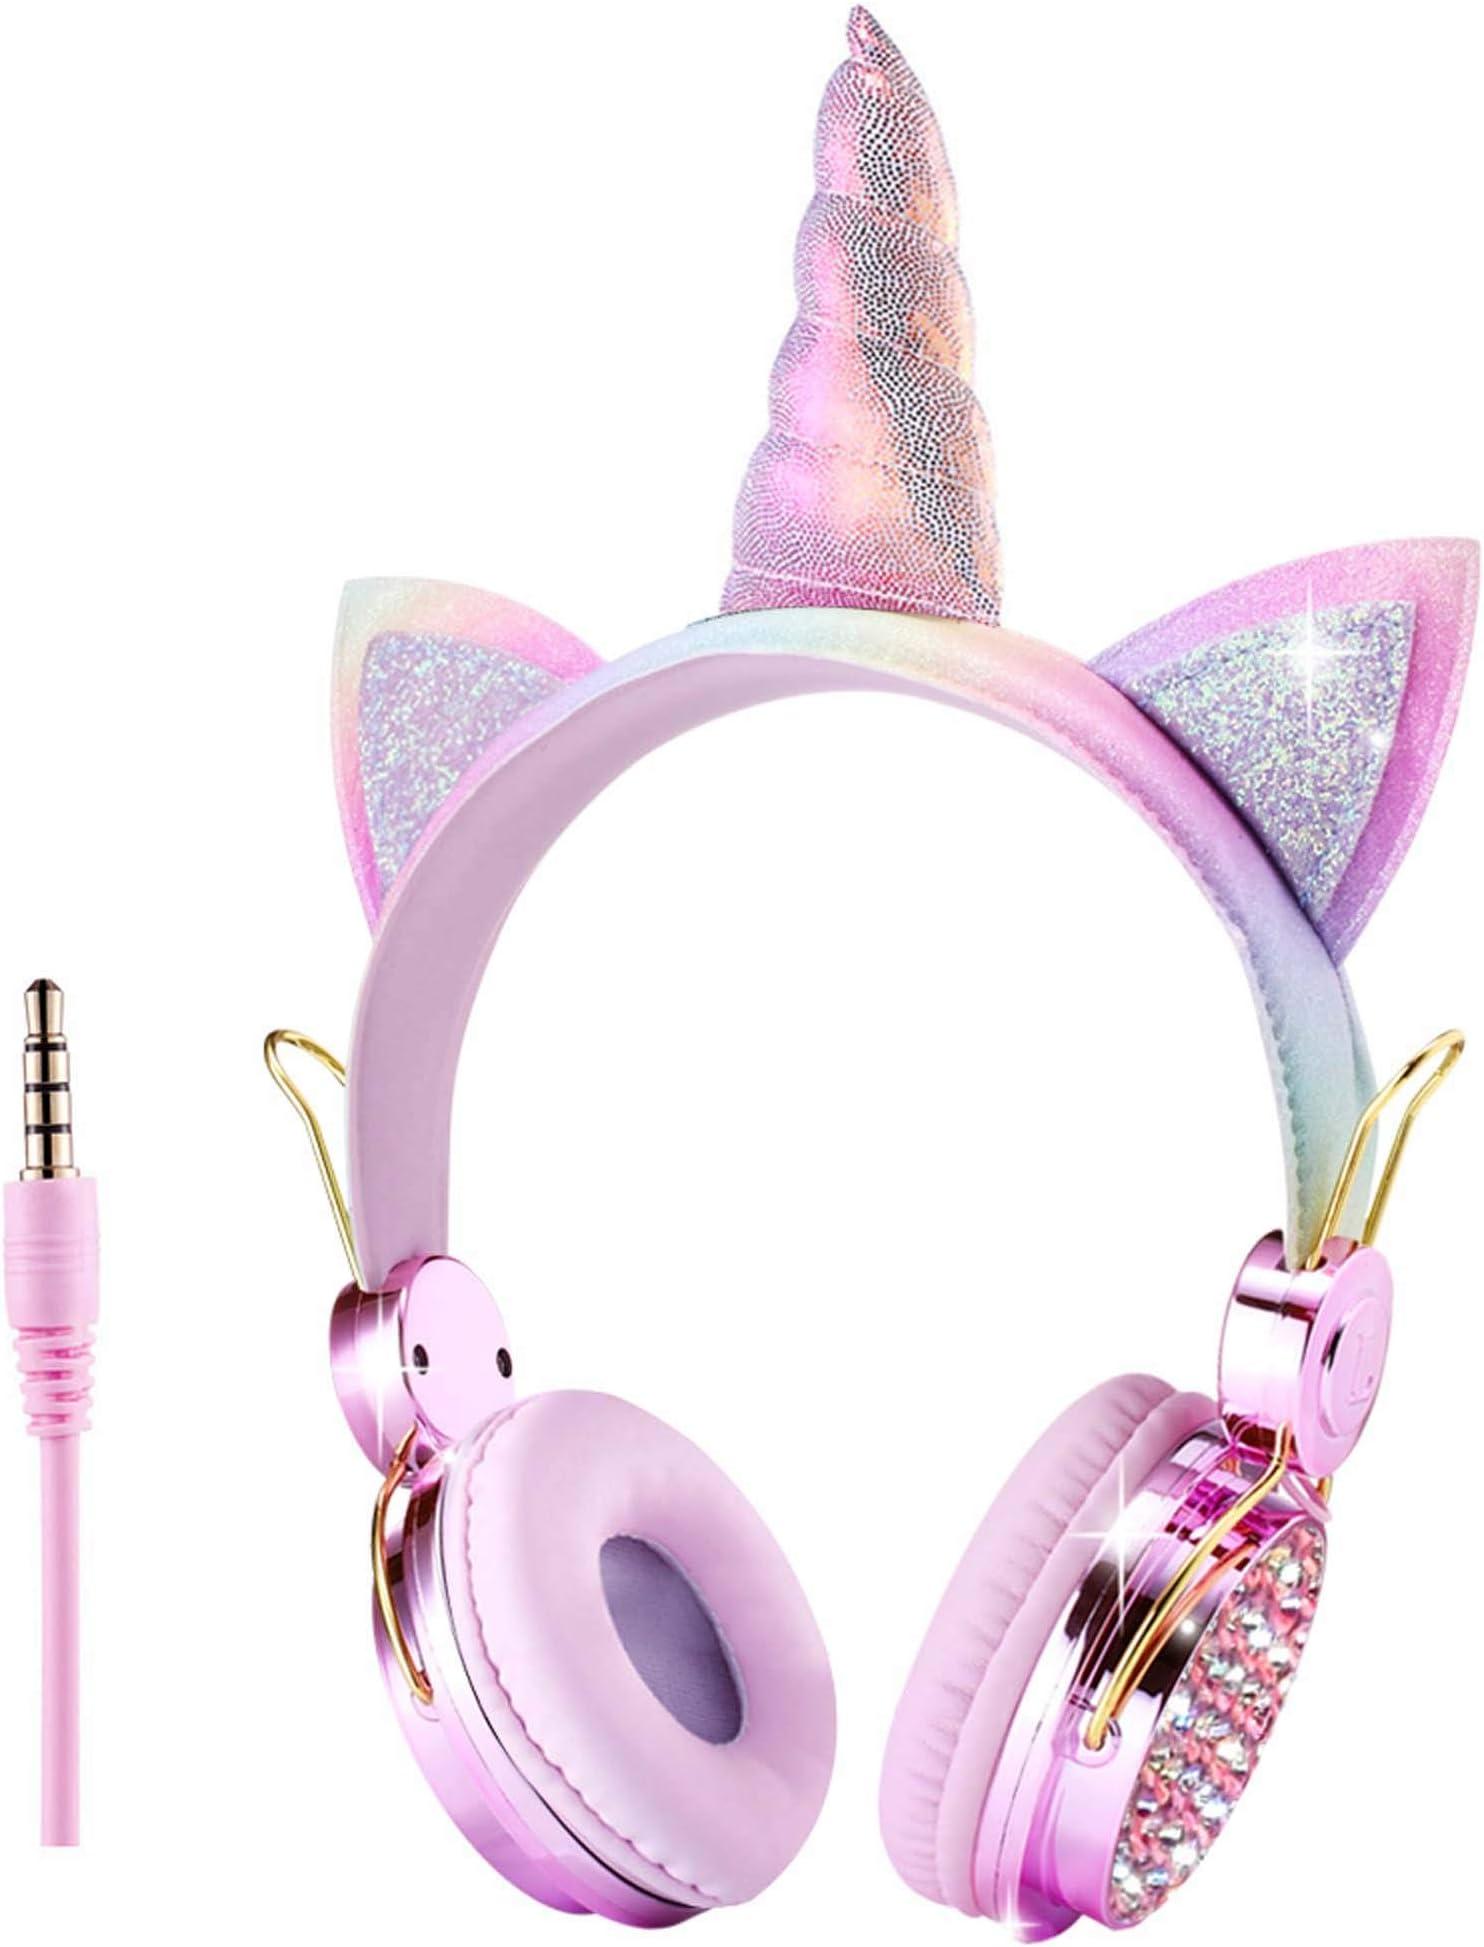 سعر سماعات رأس للأطفال بنات أذني القط 85 ديسيبل حجم الحد من حجم قابل للتعديل على الأذن أنيمي سلكية مع ميكروفون للمدرسة المنزل السفر الوردي يونيكورن Fb Ch0619 فى الامارات بواسطة امازون